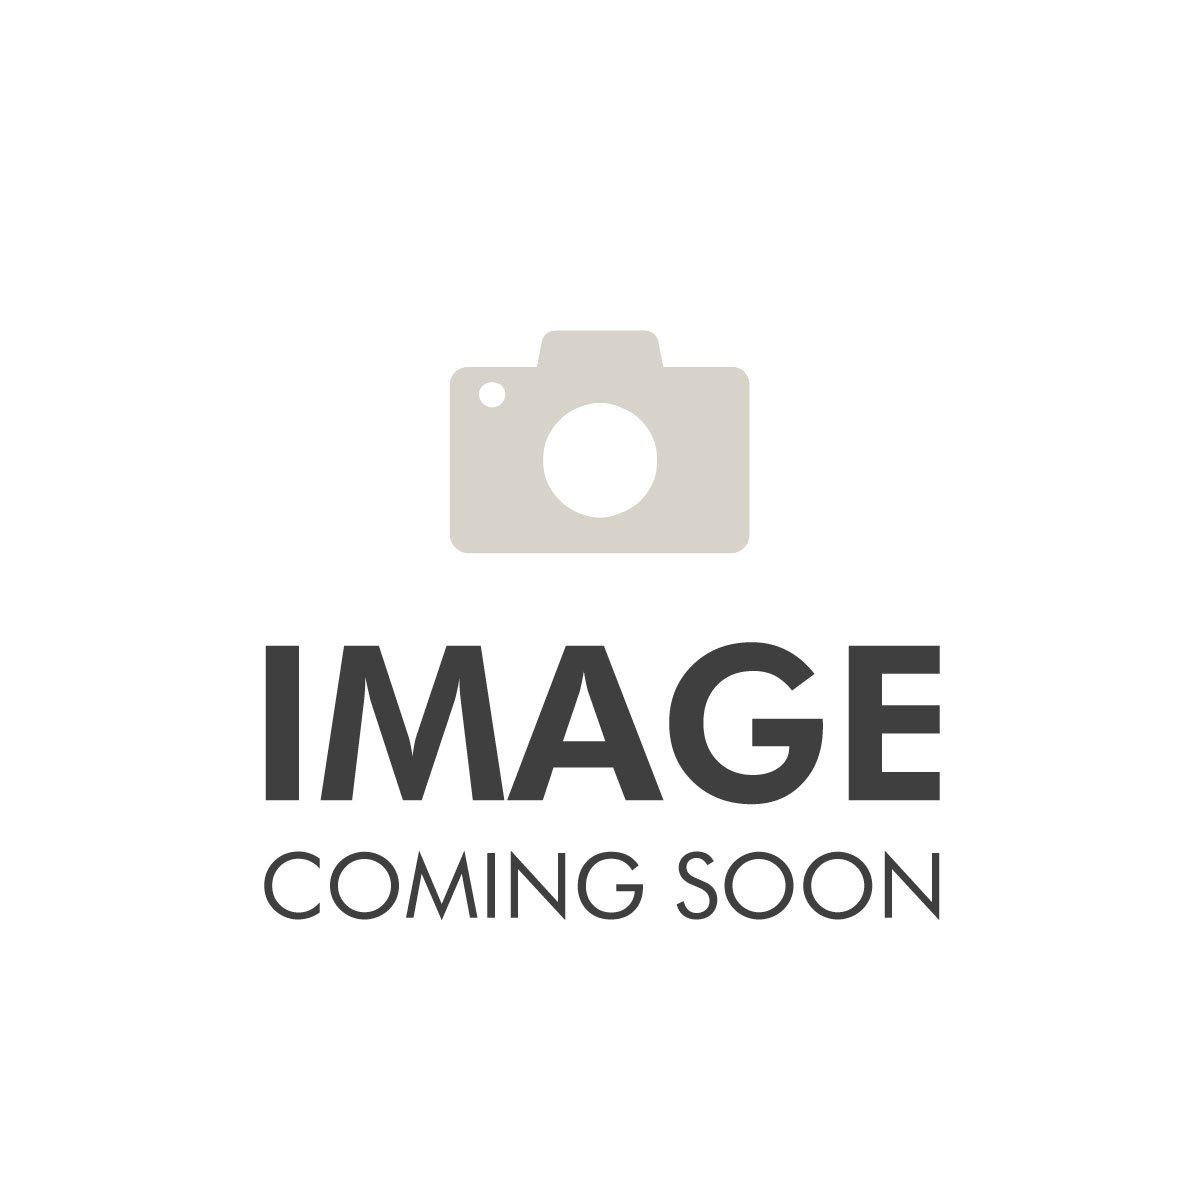 PBT - Vis de pointe d'épée (10-Pack)